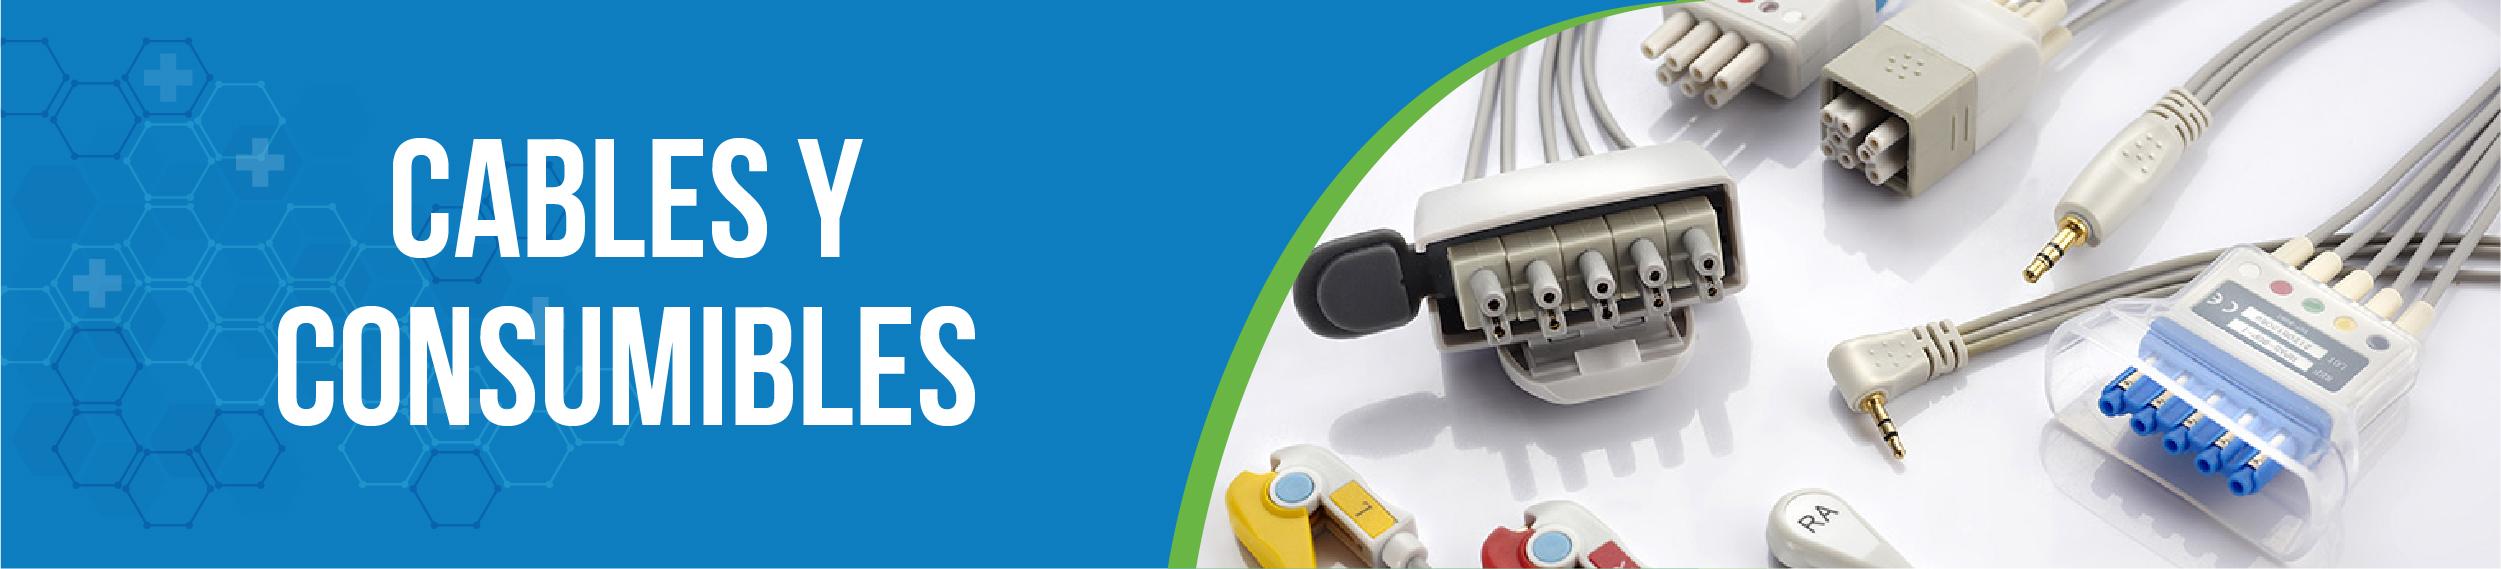 Cables y consumibles equipos médicos